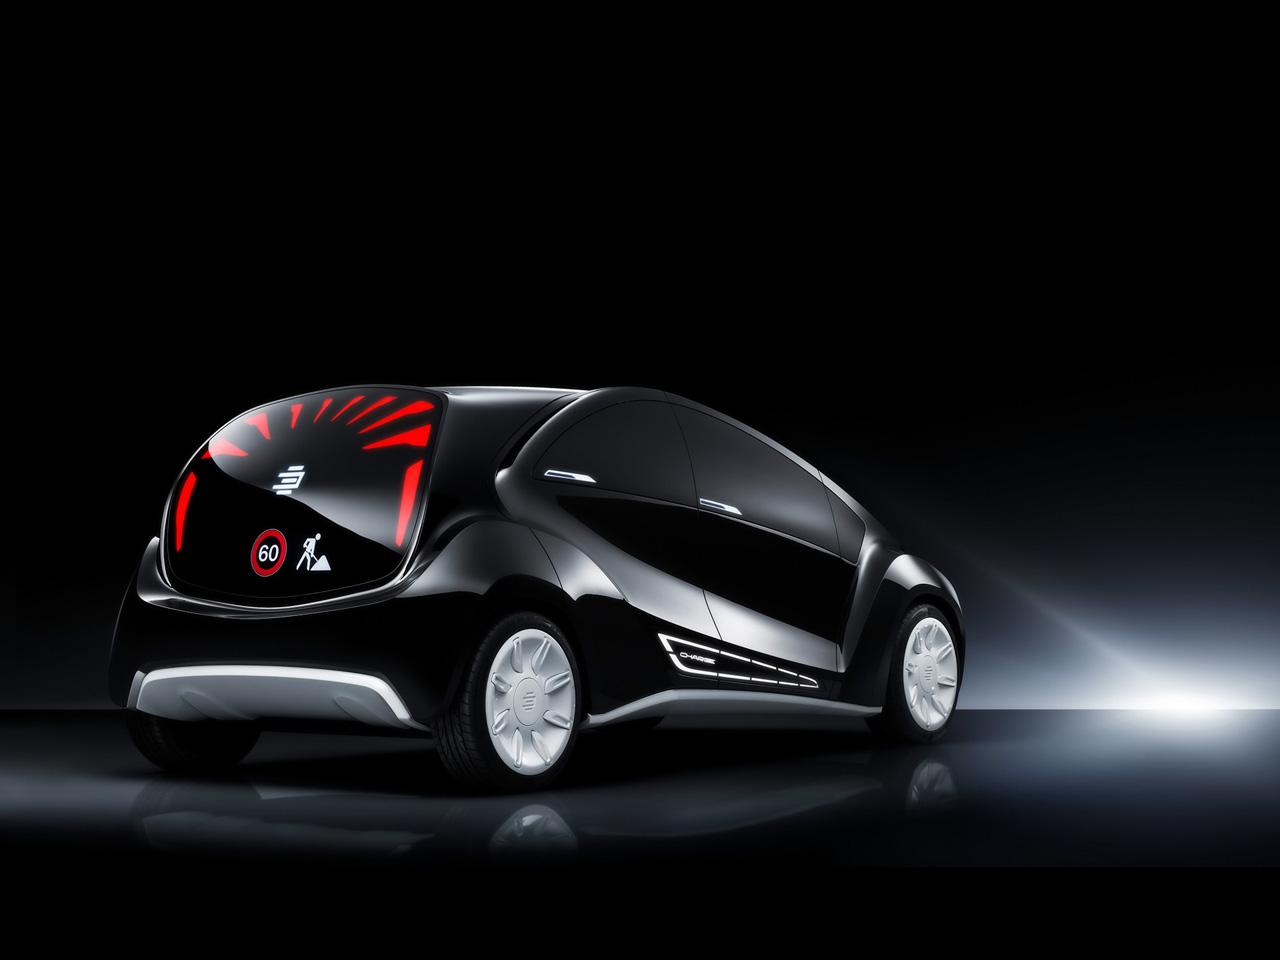 http://www.cars-wallpapers.net/wp-content/uploads/2009/03/2009-edag-light-car-open-source-3.jpg